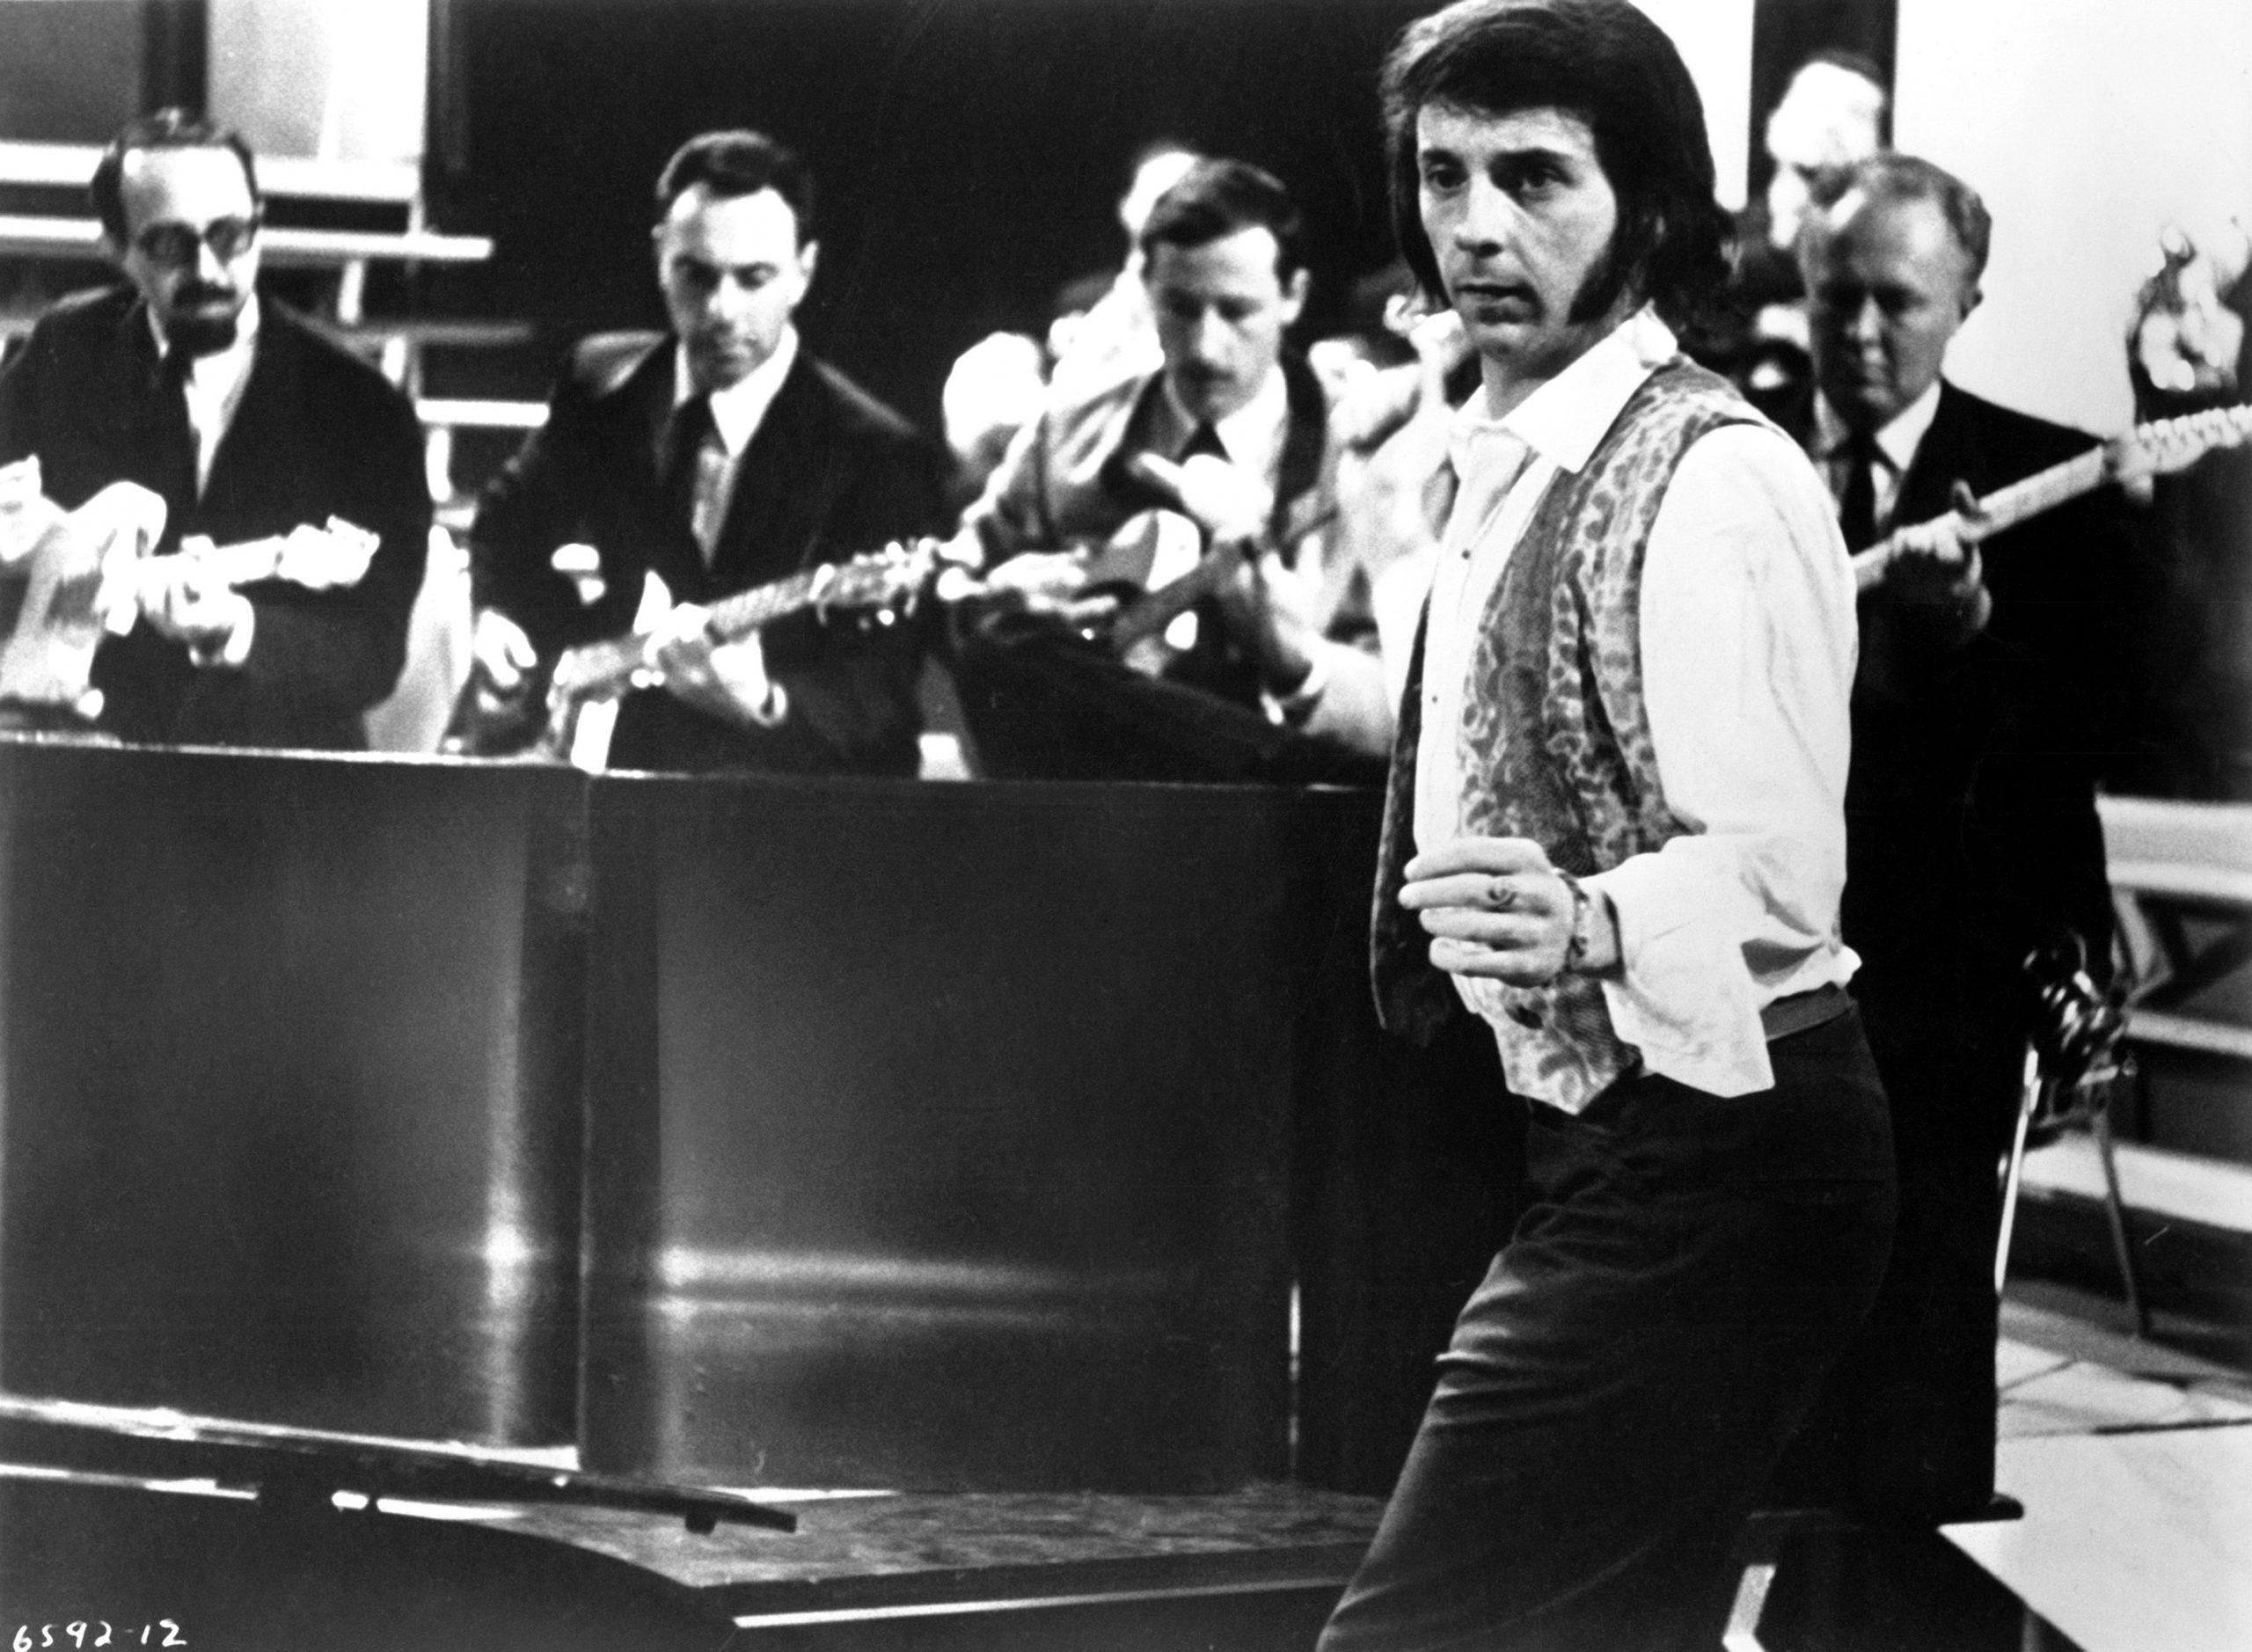 ¿Qué es la pared de sonido de Phil Spector y cómo cambió la música?